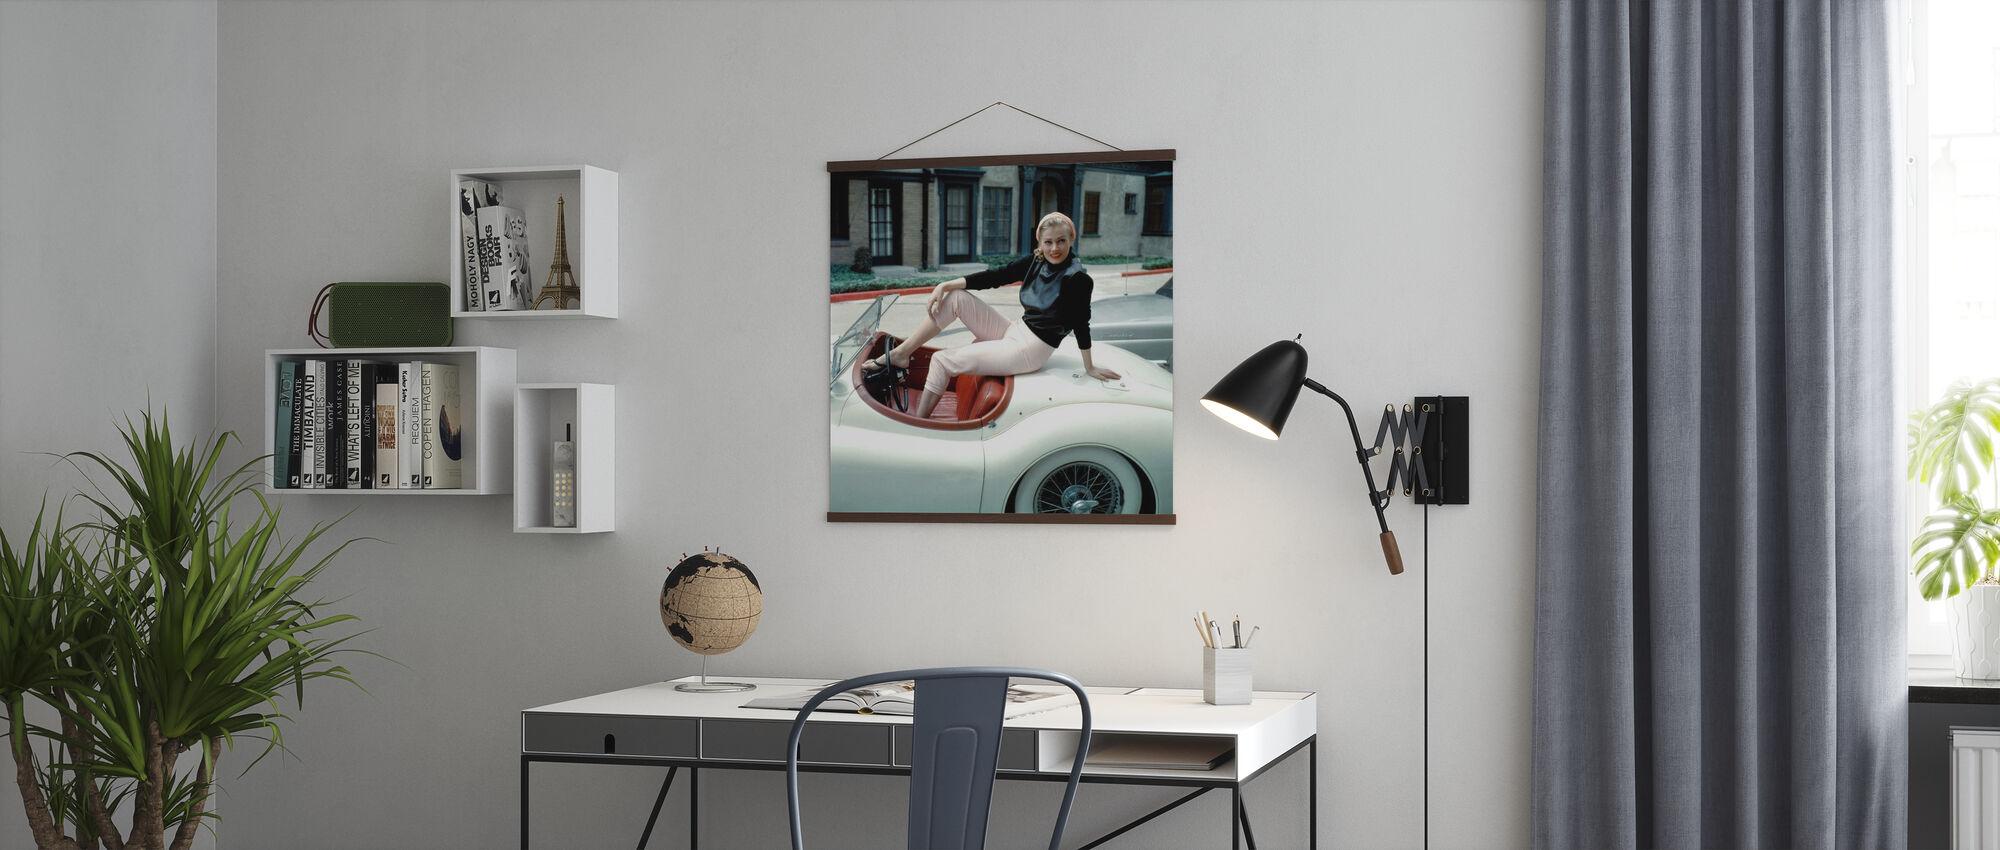 Op haar Jaguar - Poster - Kantoor